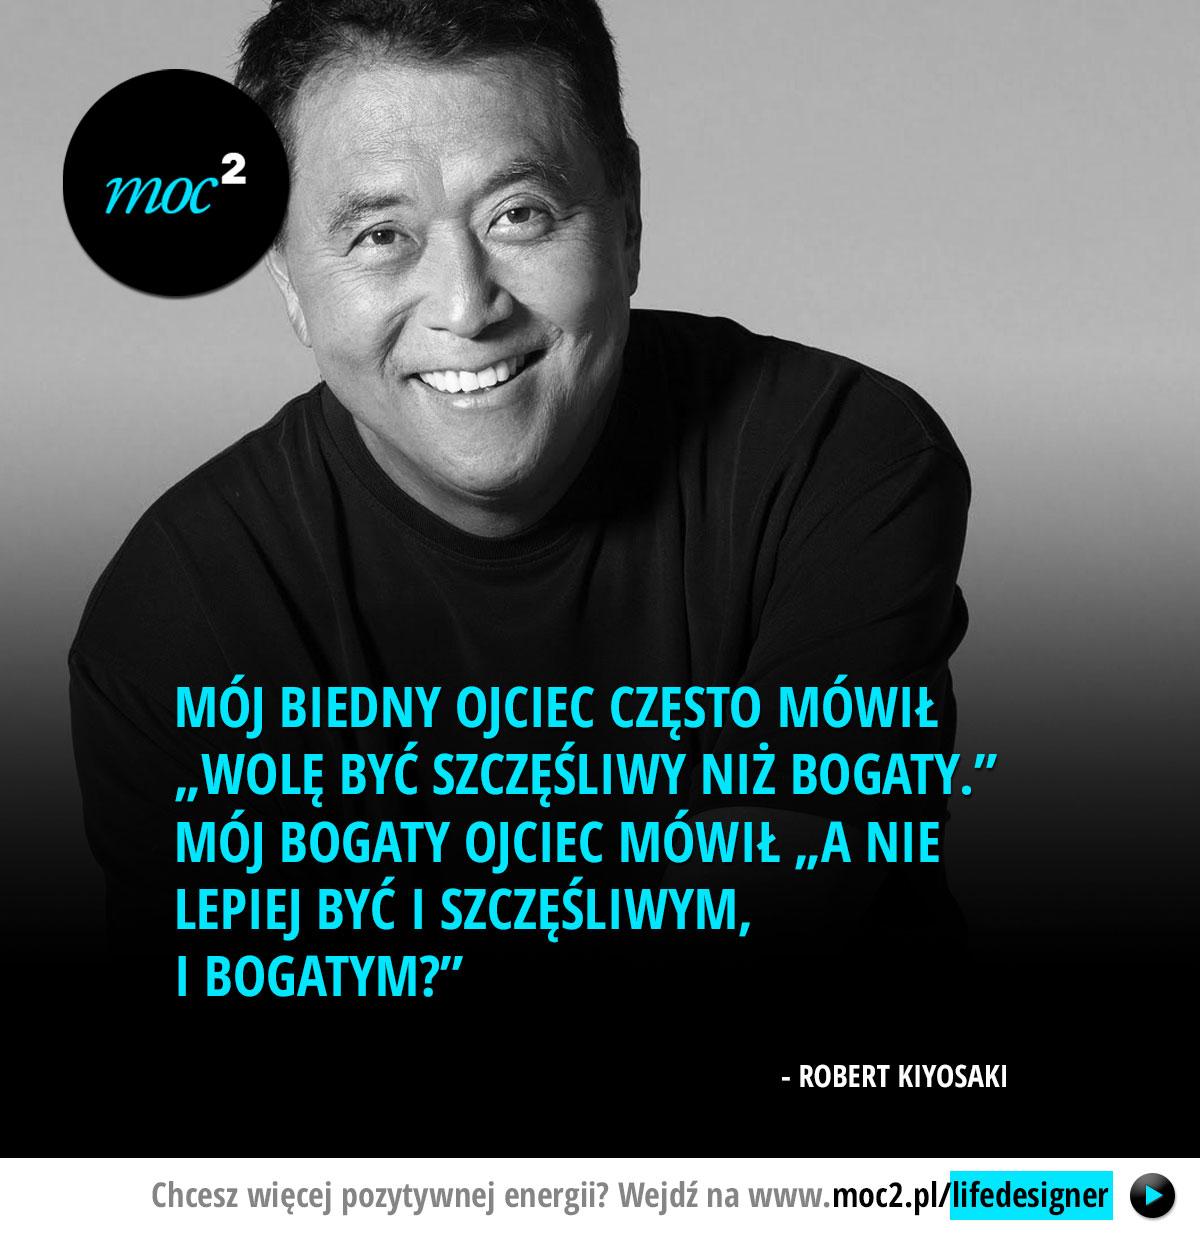 """Mój biedny ojciec często mówił """"Wolę być szczęśliwy niż bogaty."""" Mój bogaty ojciec mówił """"A nie lepiej być i szczęśliwym, i bogatym?"""" – Robert Kiyosaki"""